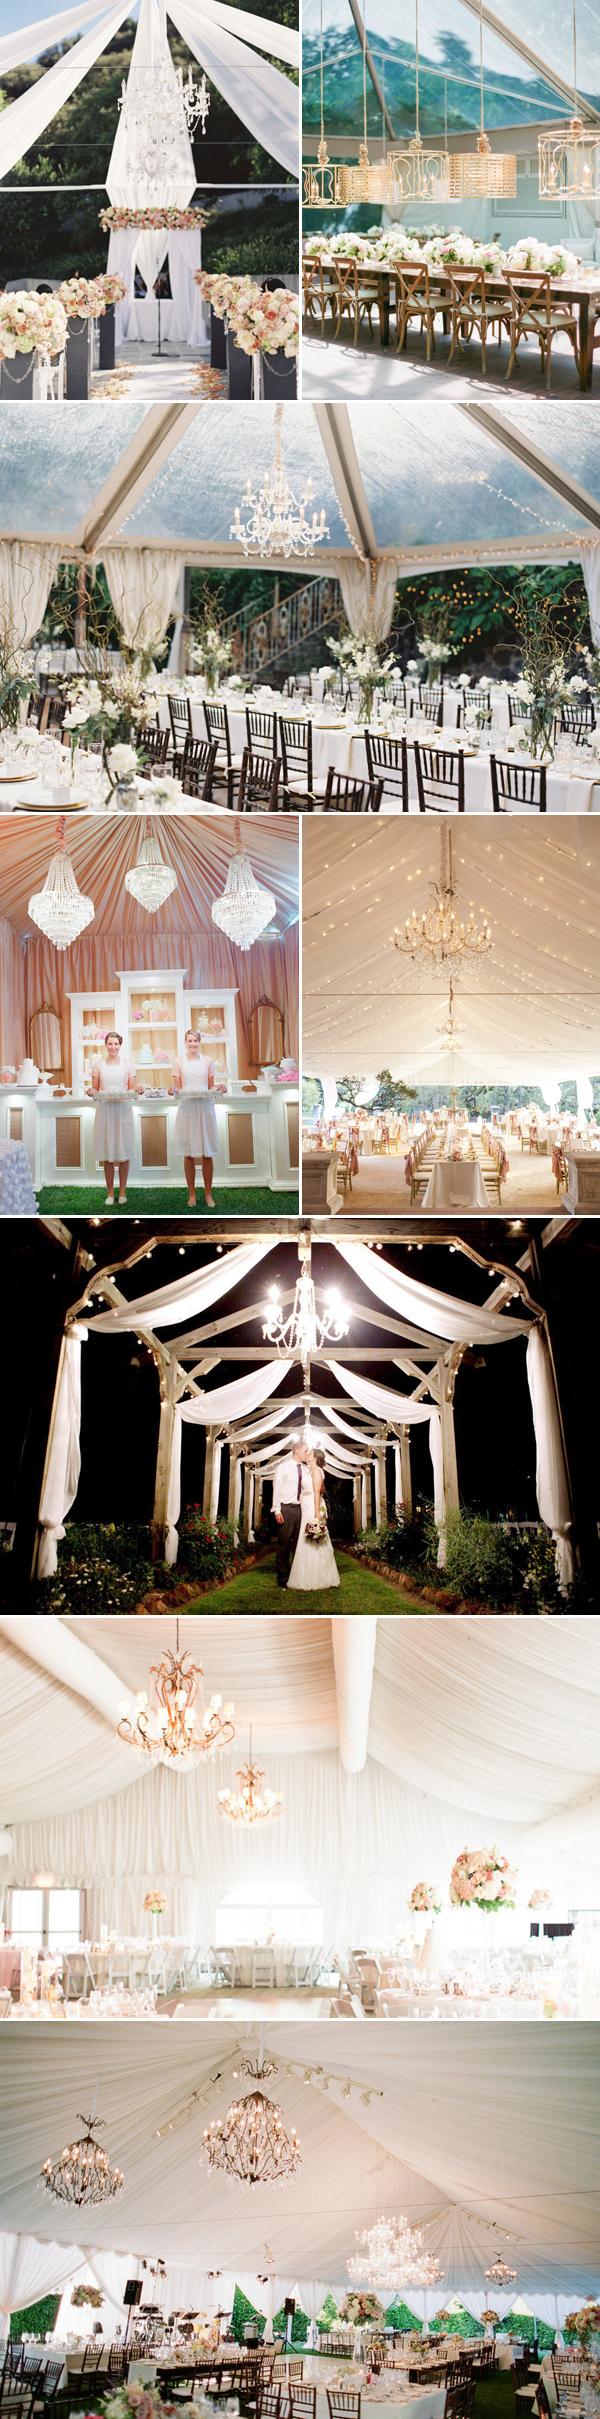 tent02-chandelier-4738-1412678247.jpg